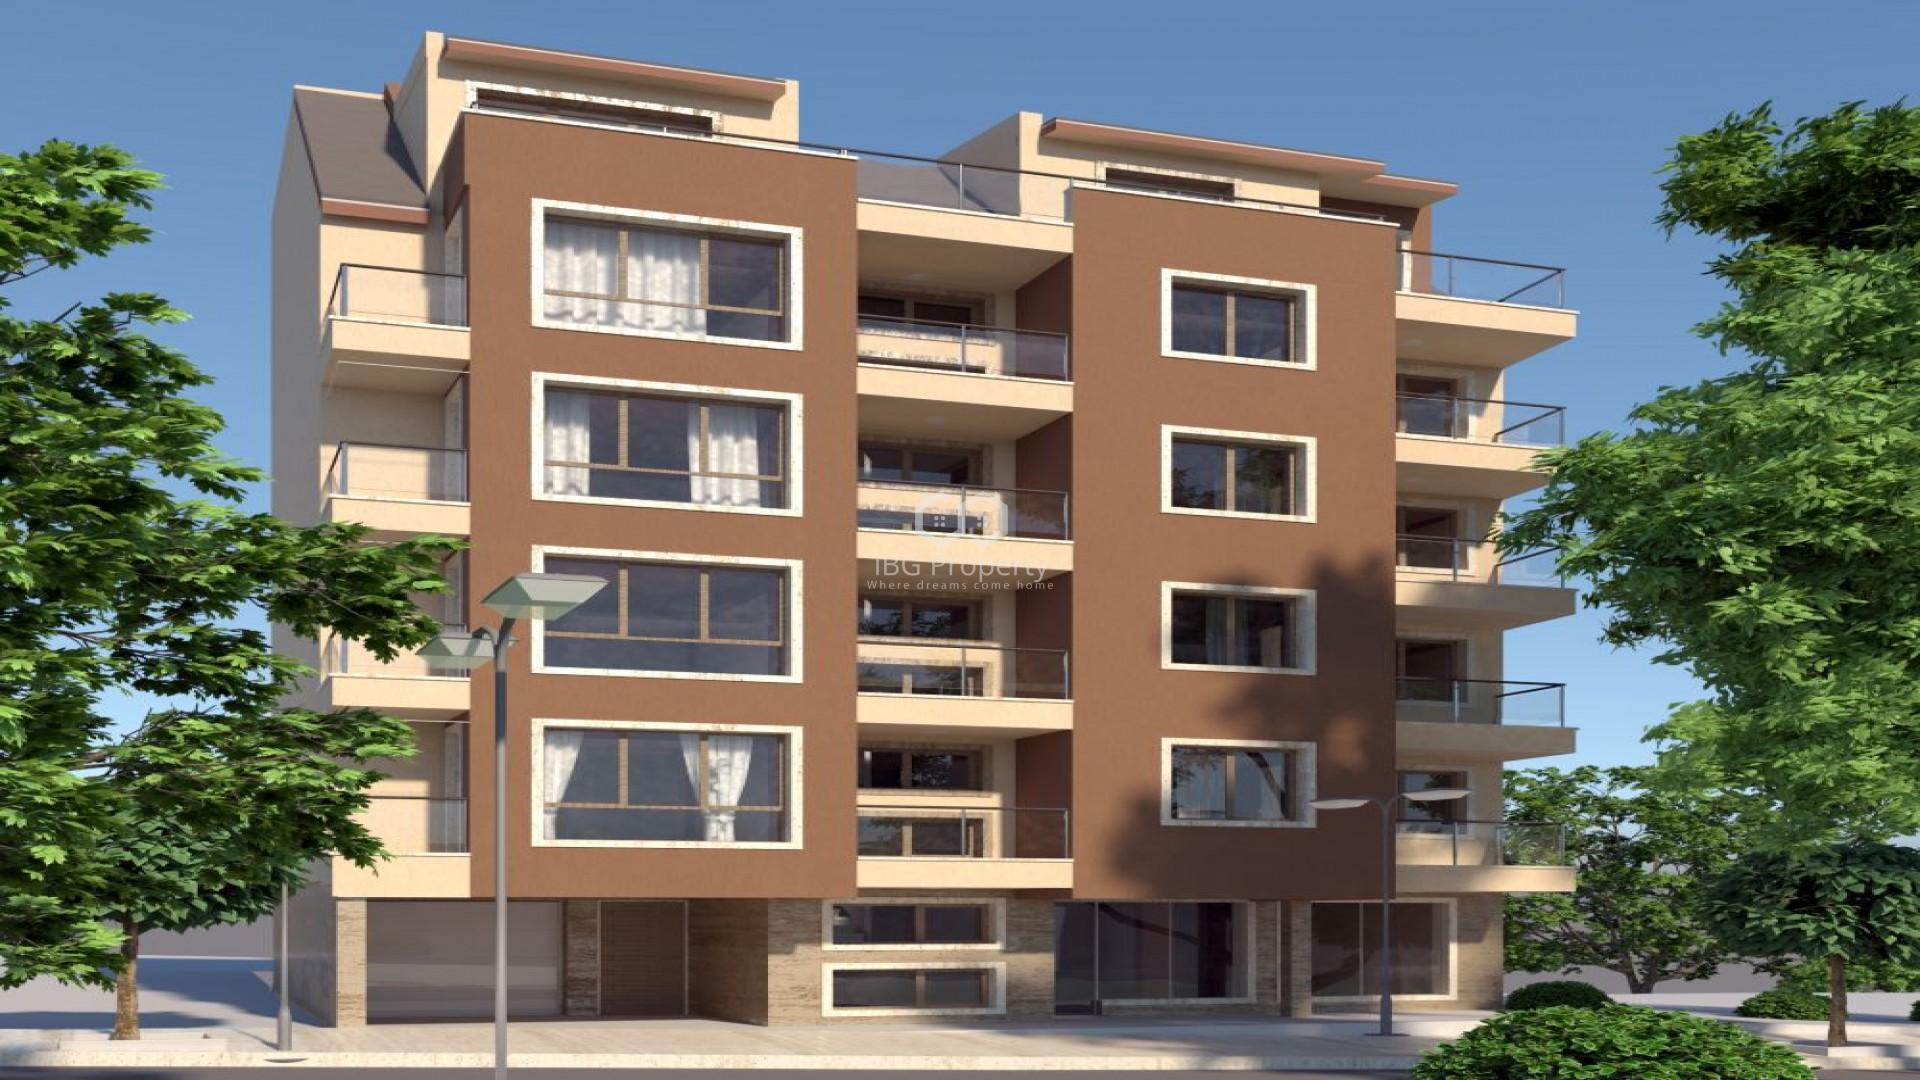 Zweizimmerwohnung in Varna Kolhozen pazar 61,69 m2